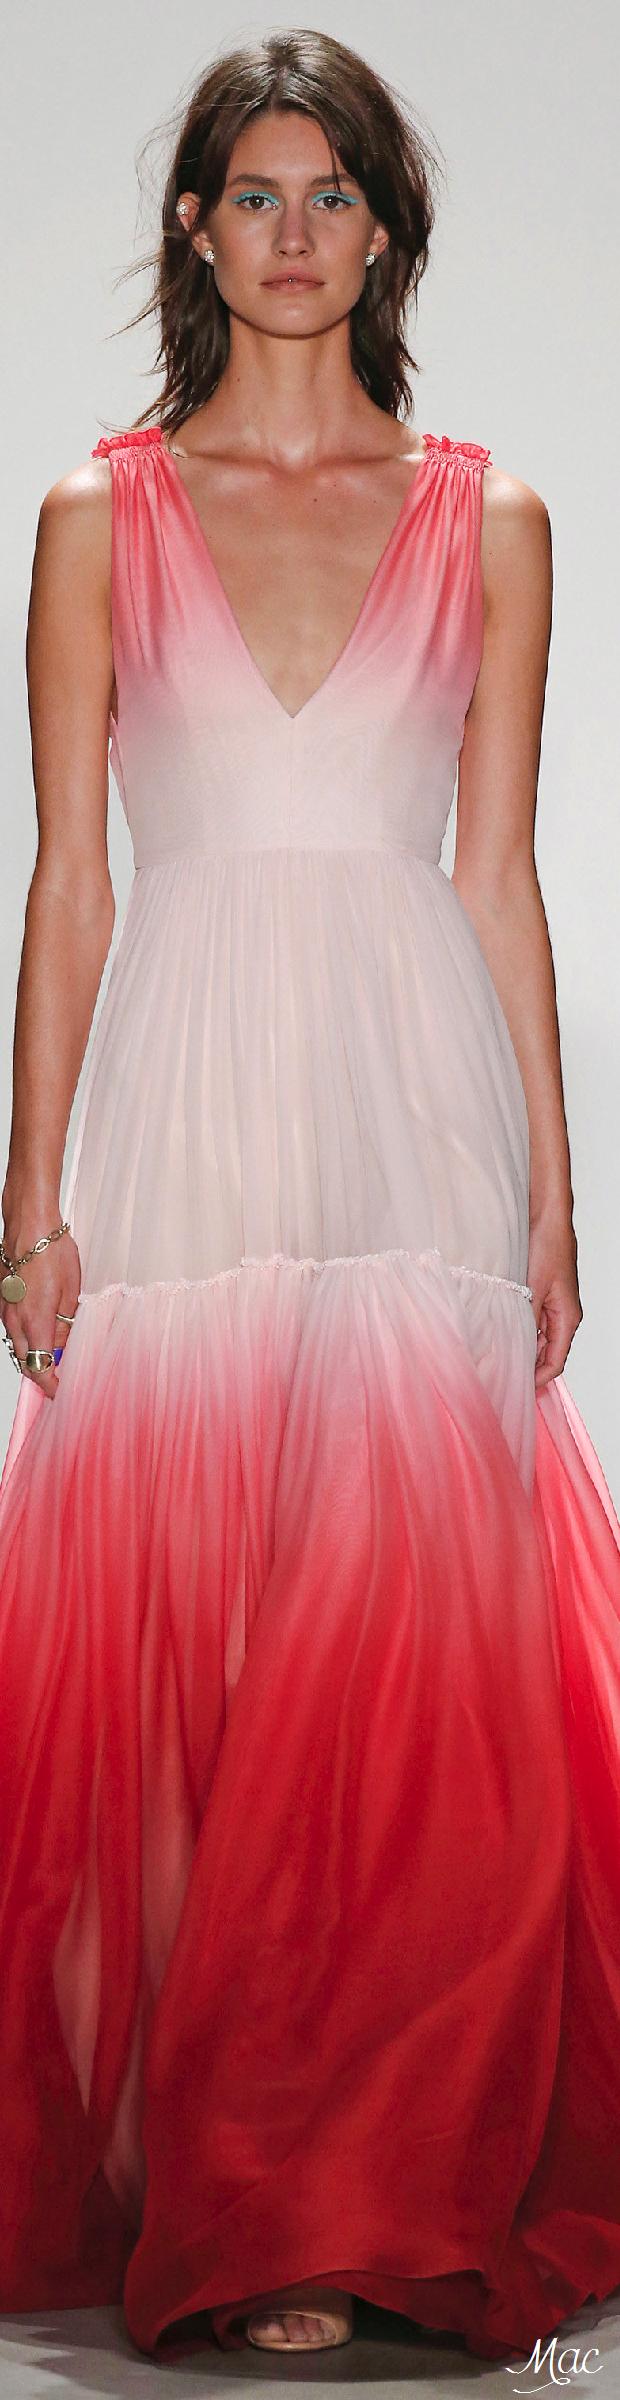 Encantador Vestido De La Dama Jenny Packham Galería - Ideas de ...